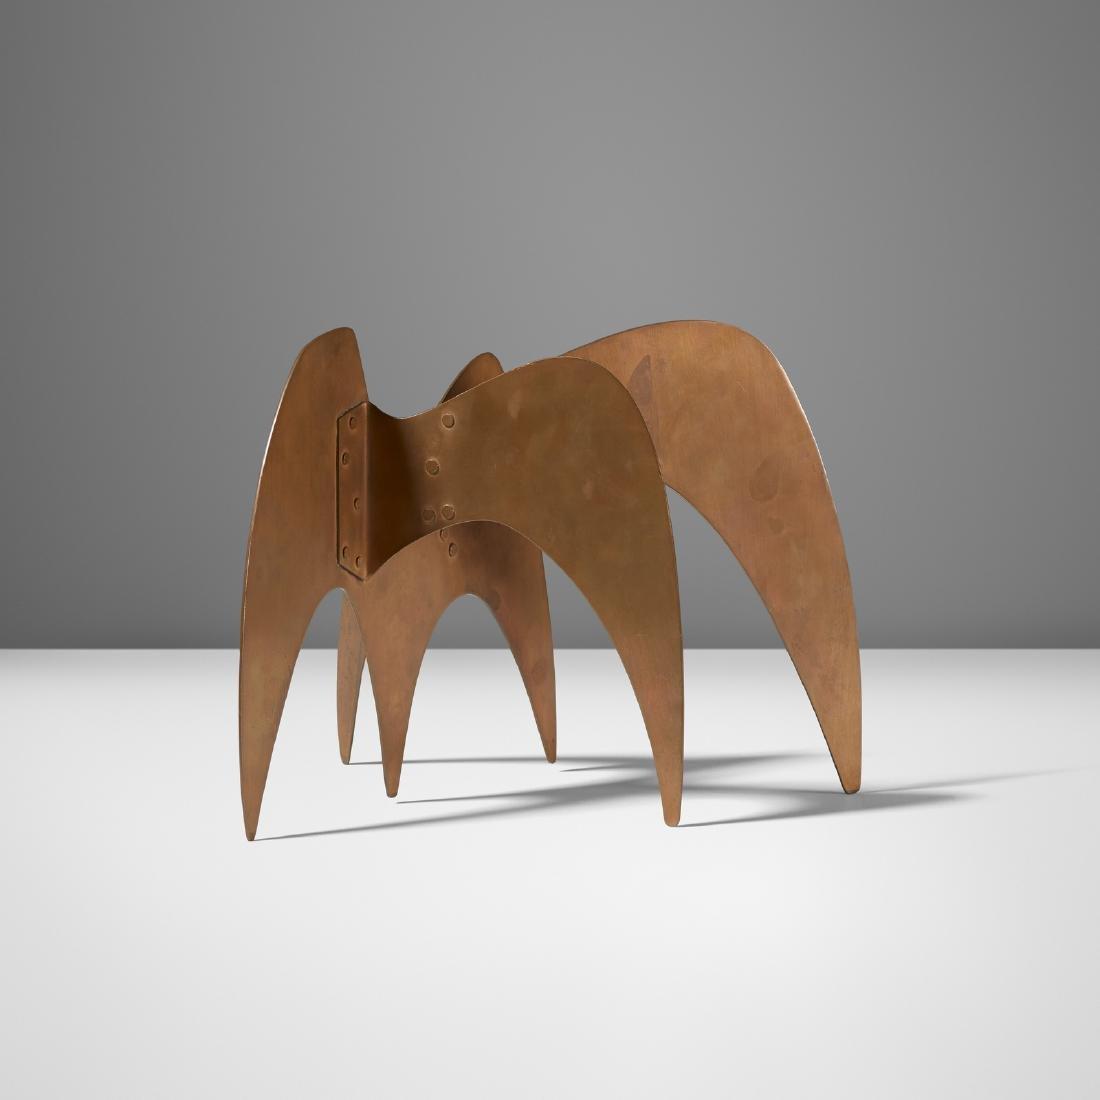 After Alexander Calder, Ellie Award